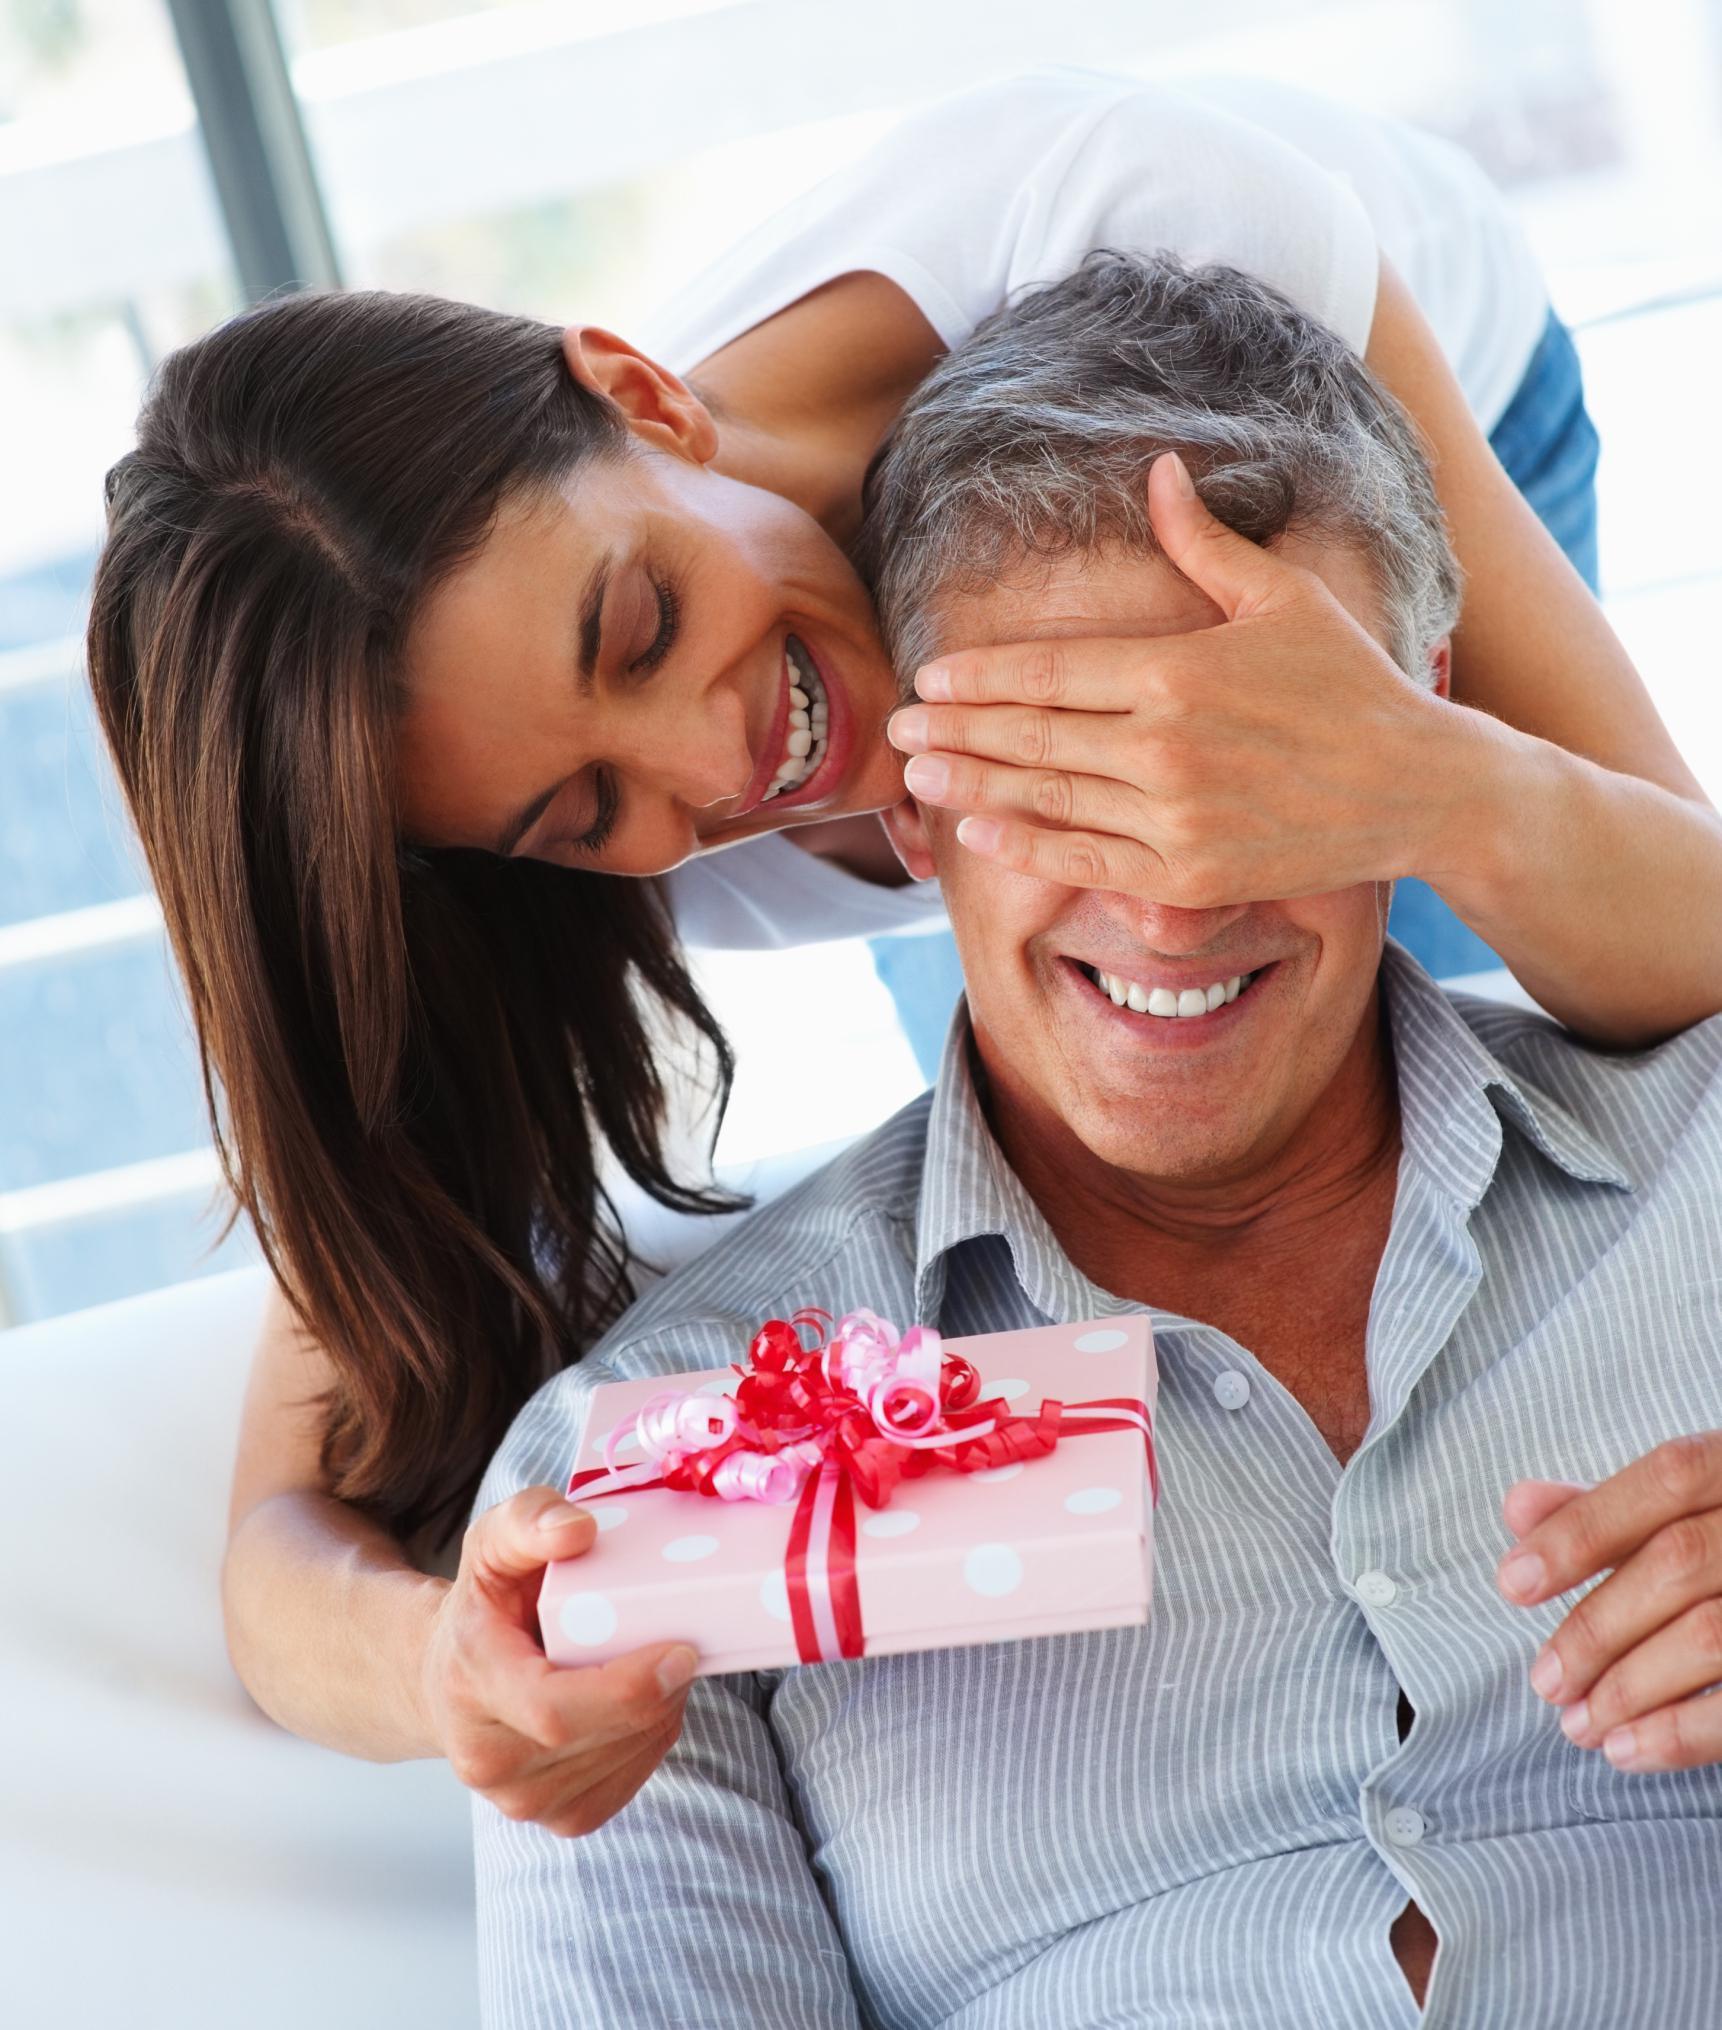 Подарок для мужчины романтический